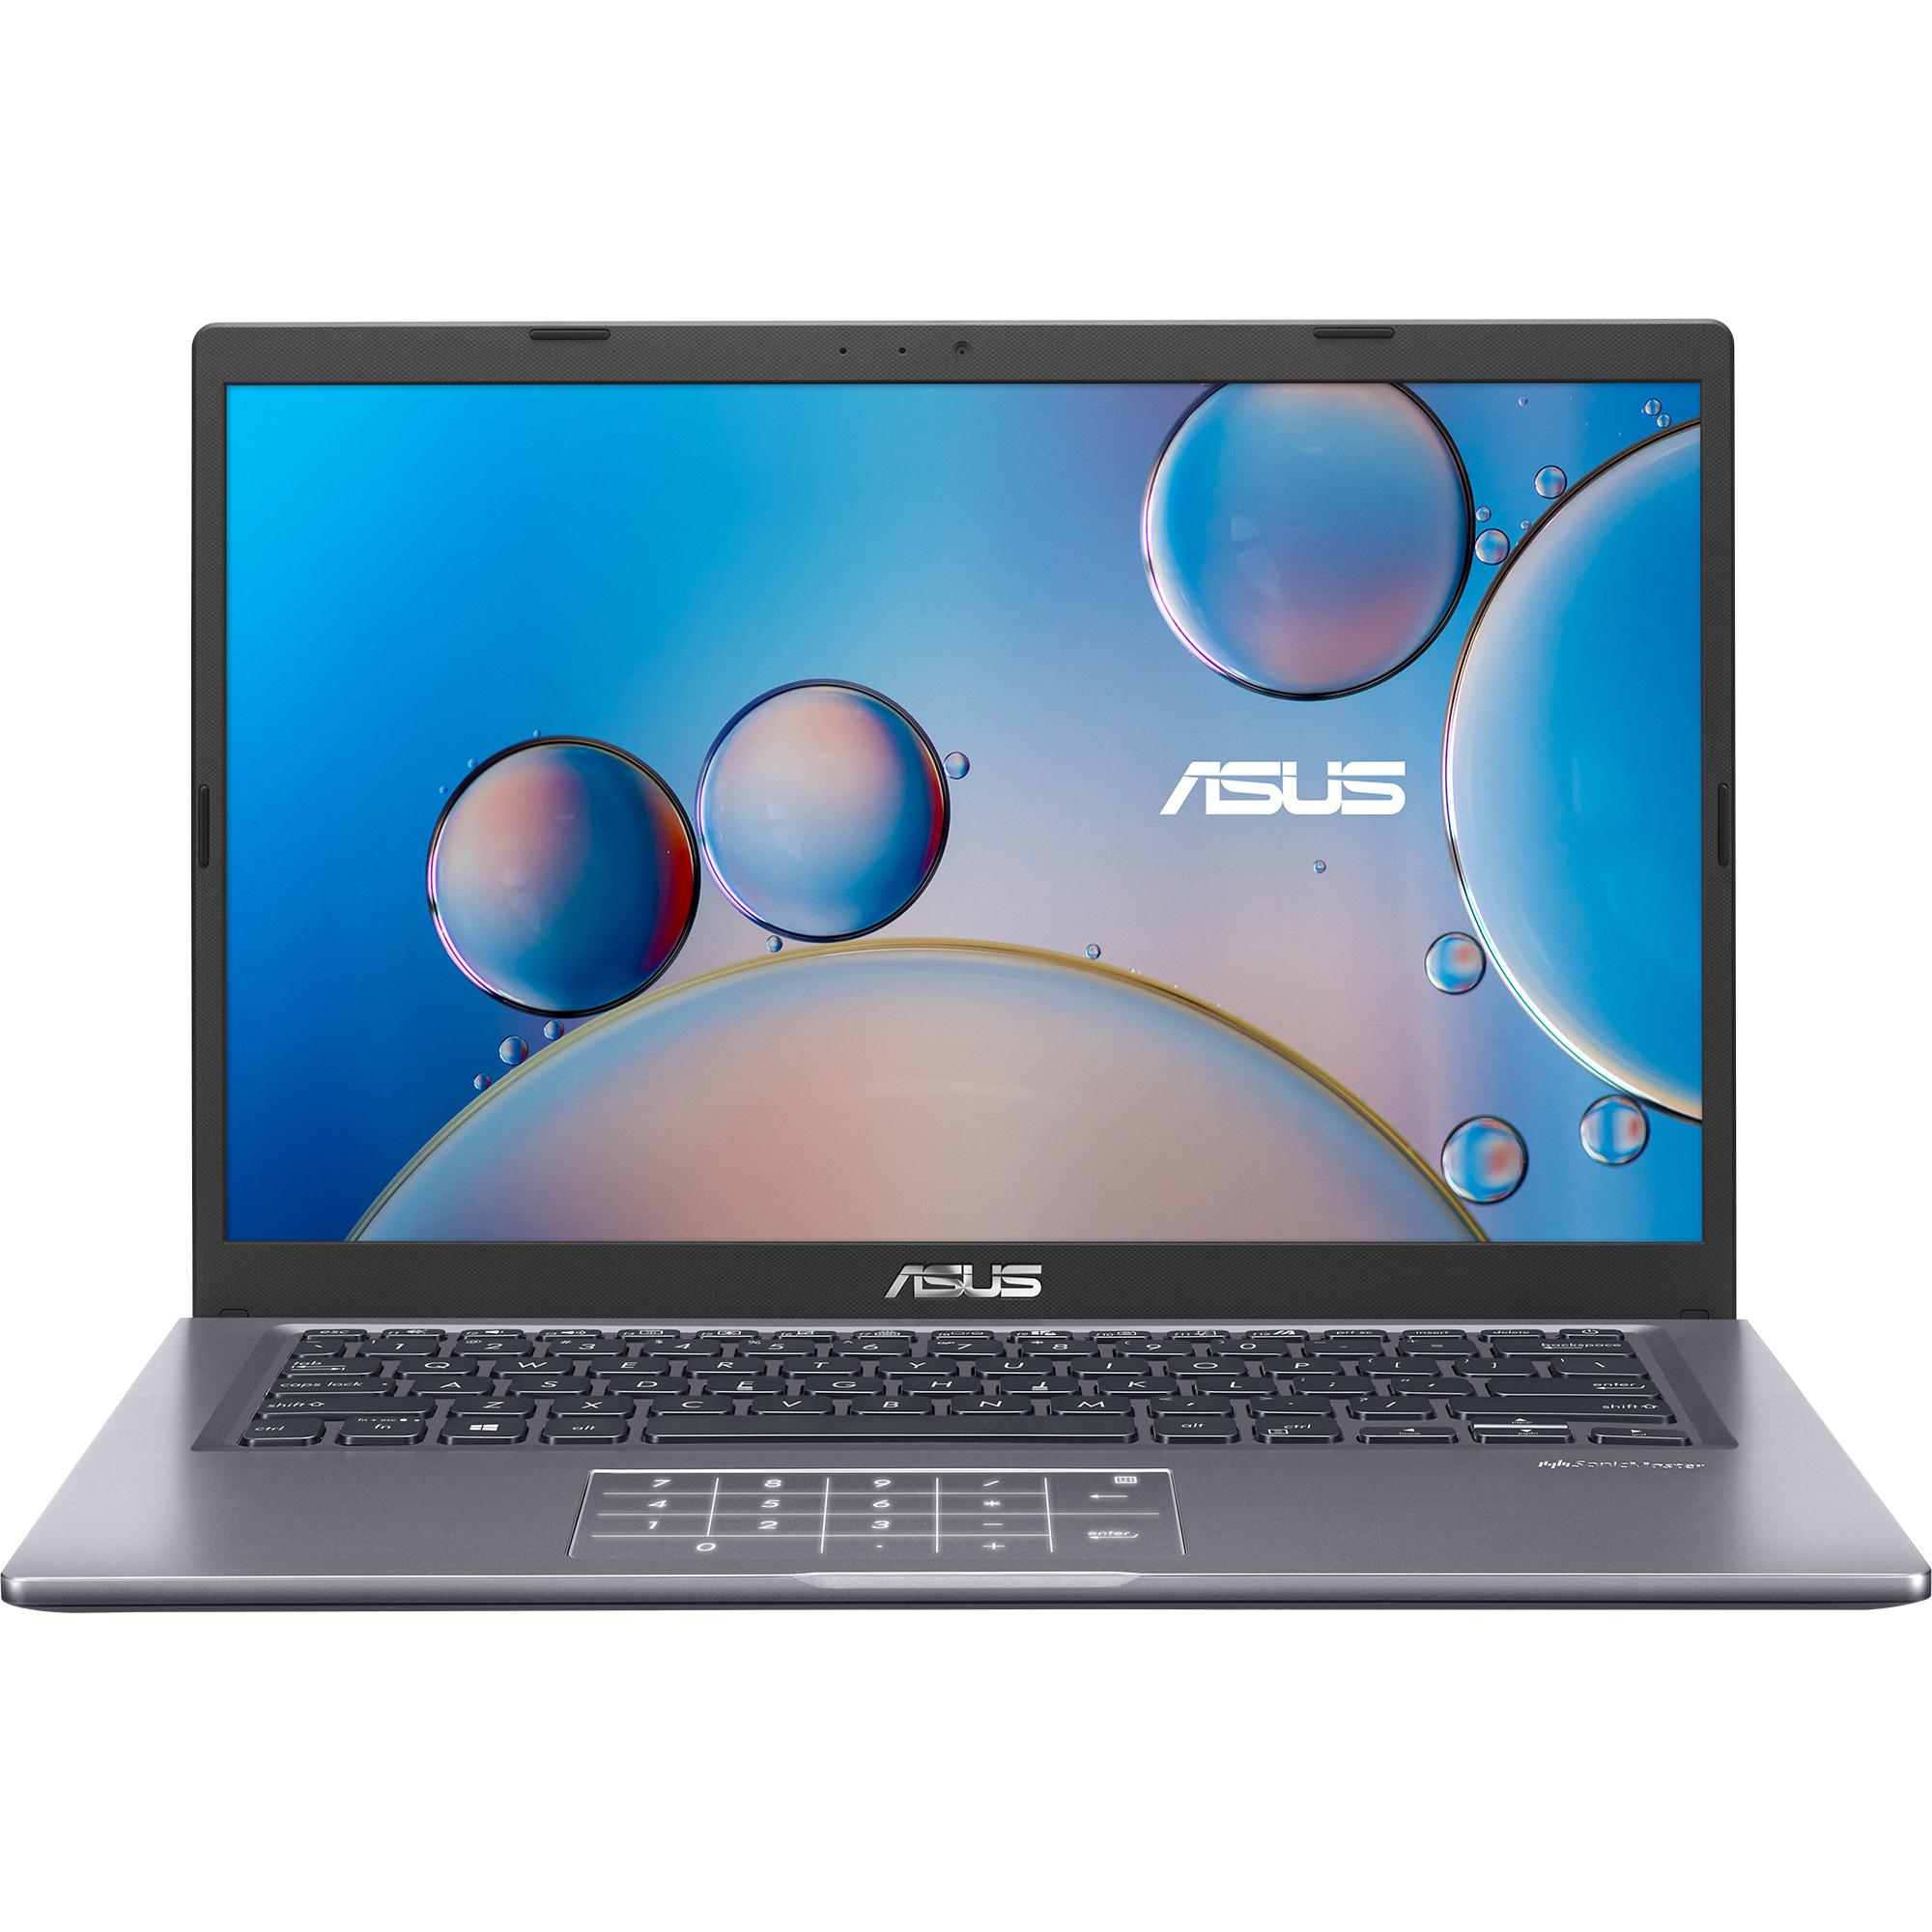 M415da-ek337t - Ordenador Portátil De 14 Full Hd (amd Ryzen 7 3700u, 8gb Ram, 512gb Ssd, Amd Radeon Rx Vega 10, Windows 10 Home) Gris Pizarra-teclado Qwerty Español